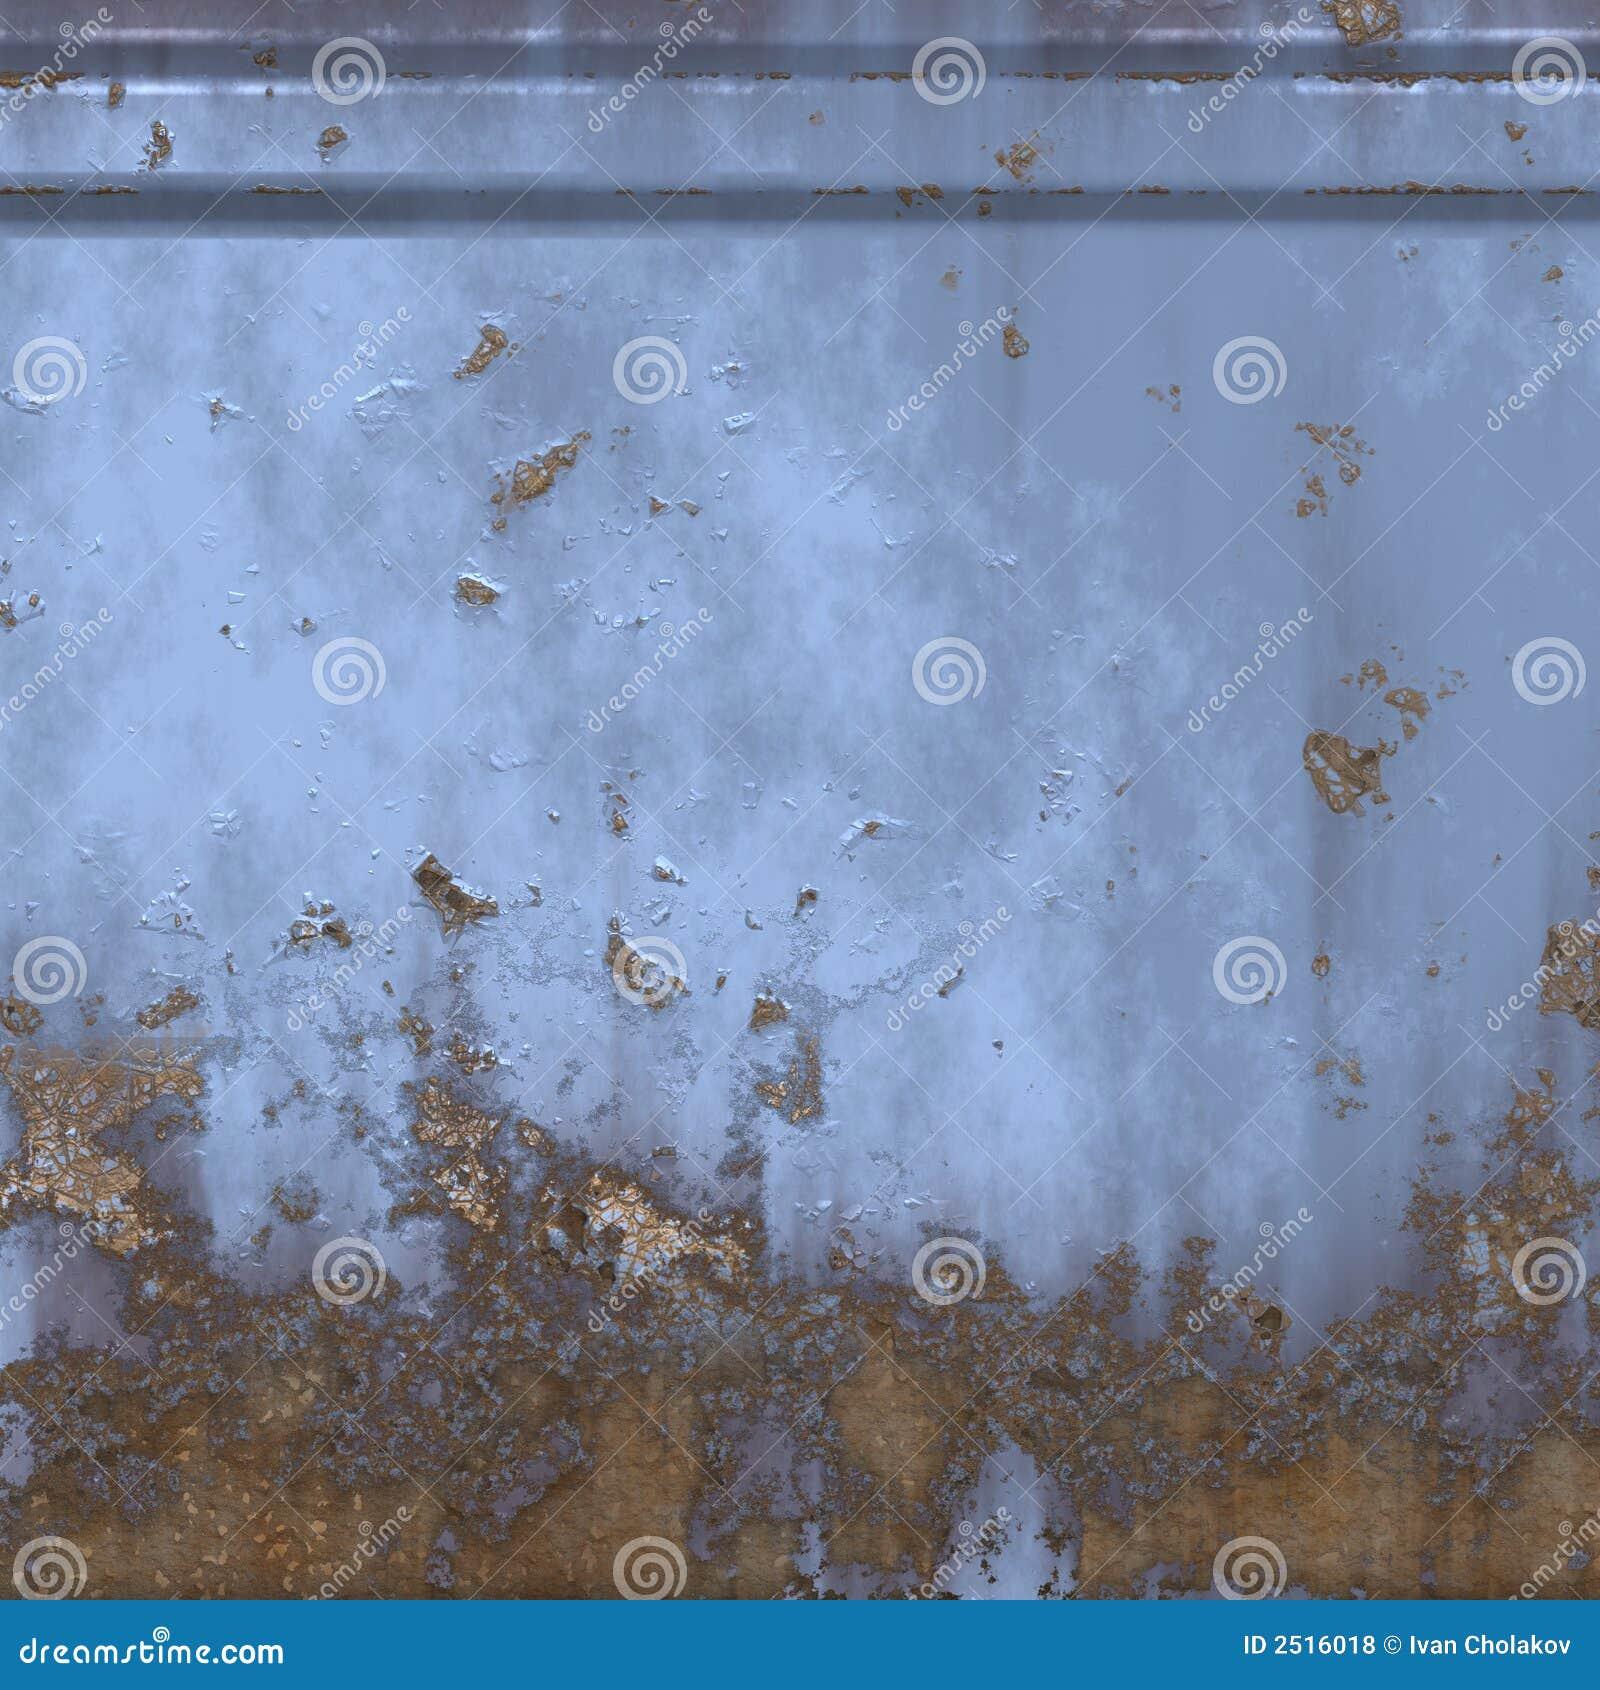 Rusty Metal Door rusted steel garage door background stock photos, images